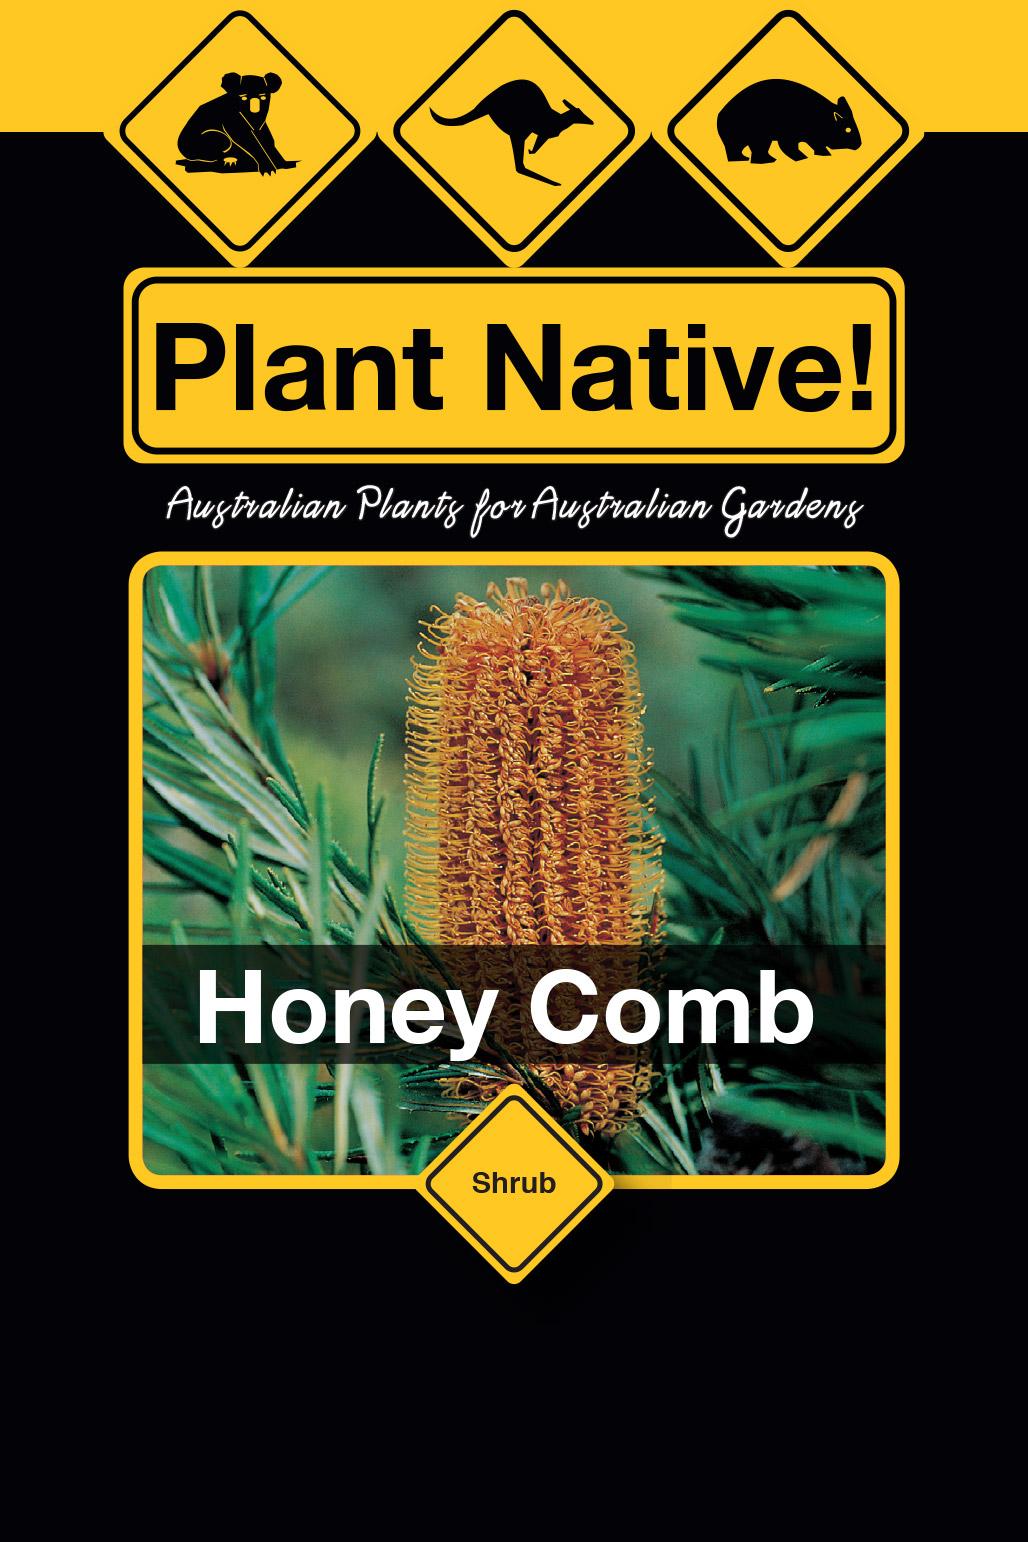 Honey Comb - Plant Native!